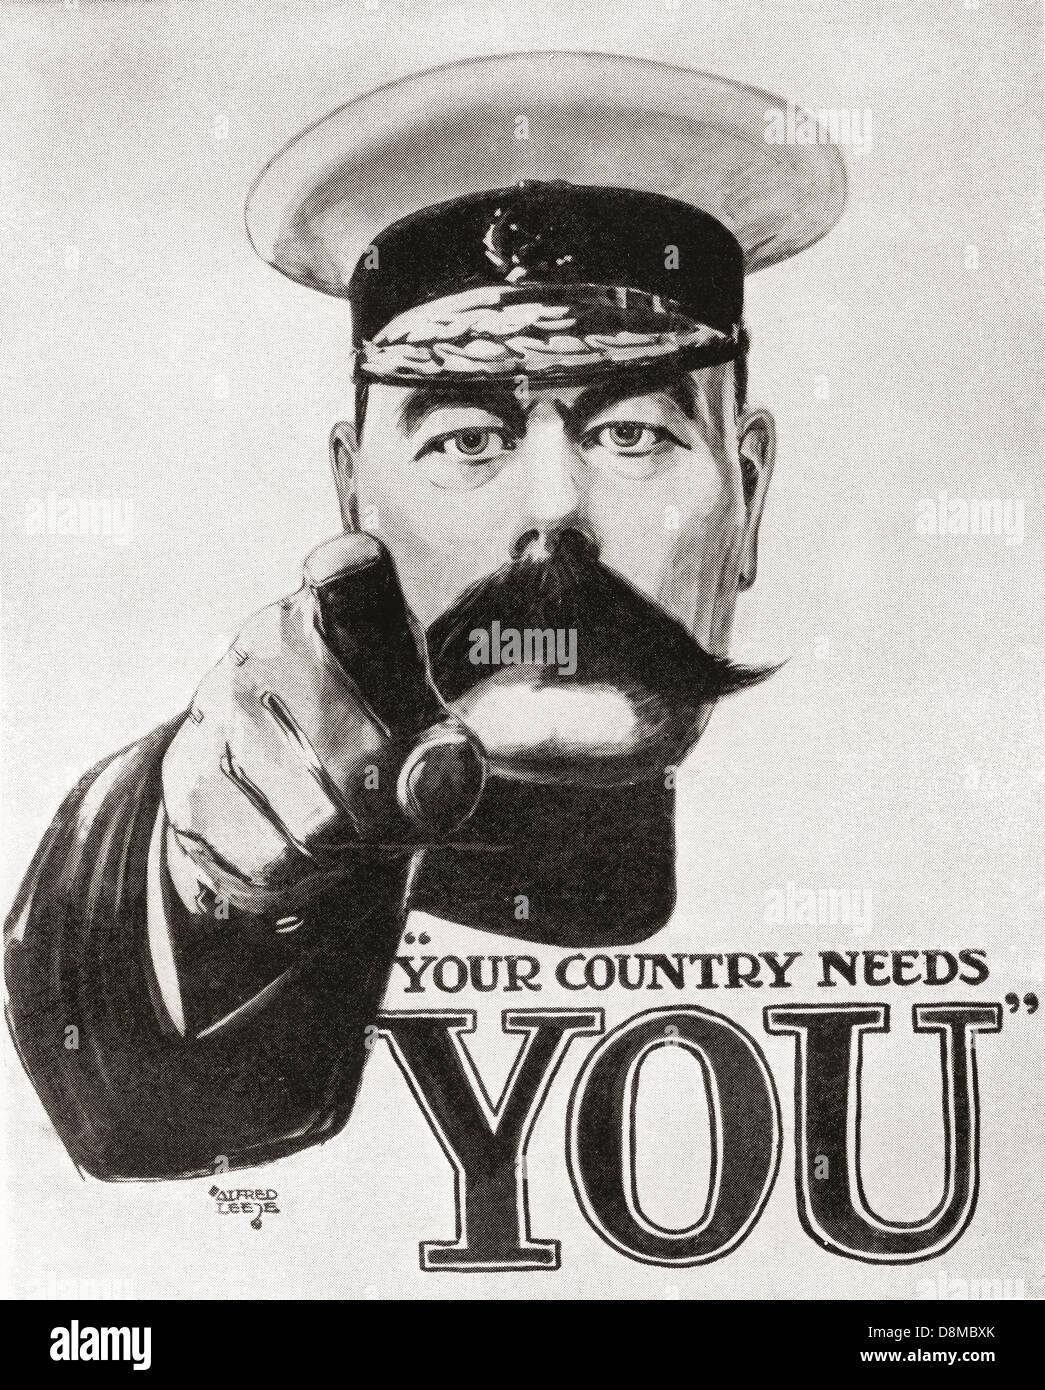 Votre pays a besoin de vous. célèbre kitchener world war one affiche de recrutement. Photo Stock